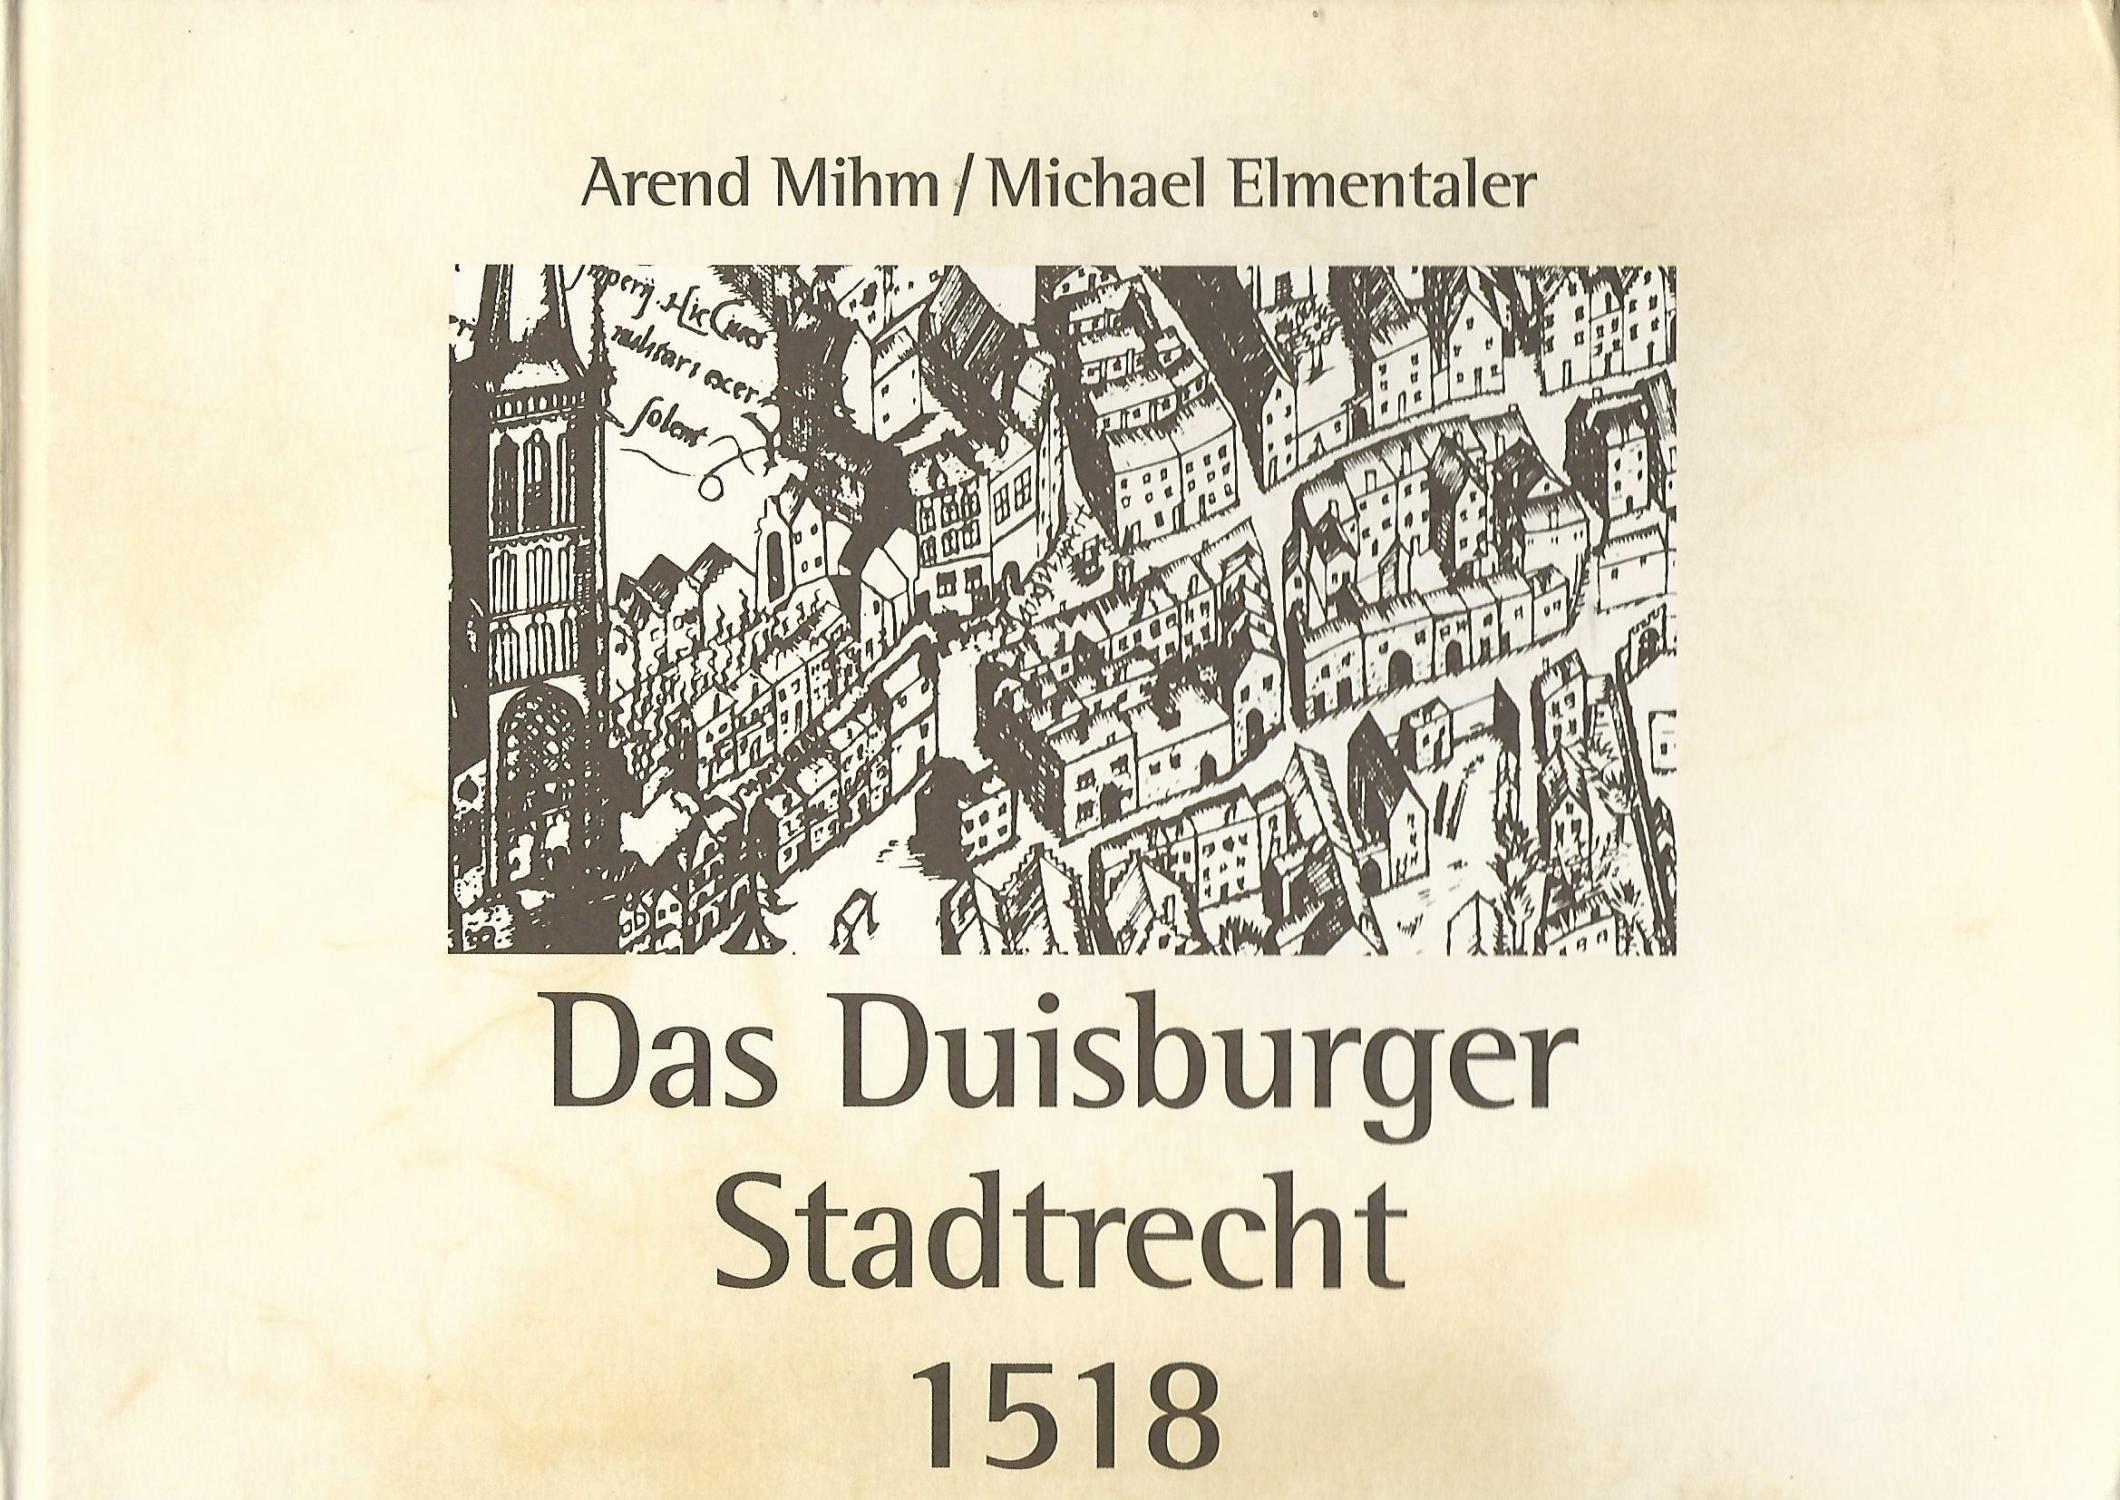 Das Duisburger Stadtrecht 1518.: Mihm, Arend und